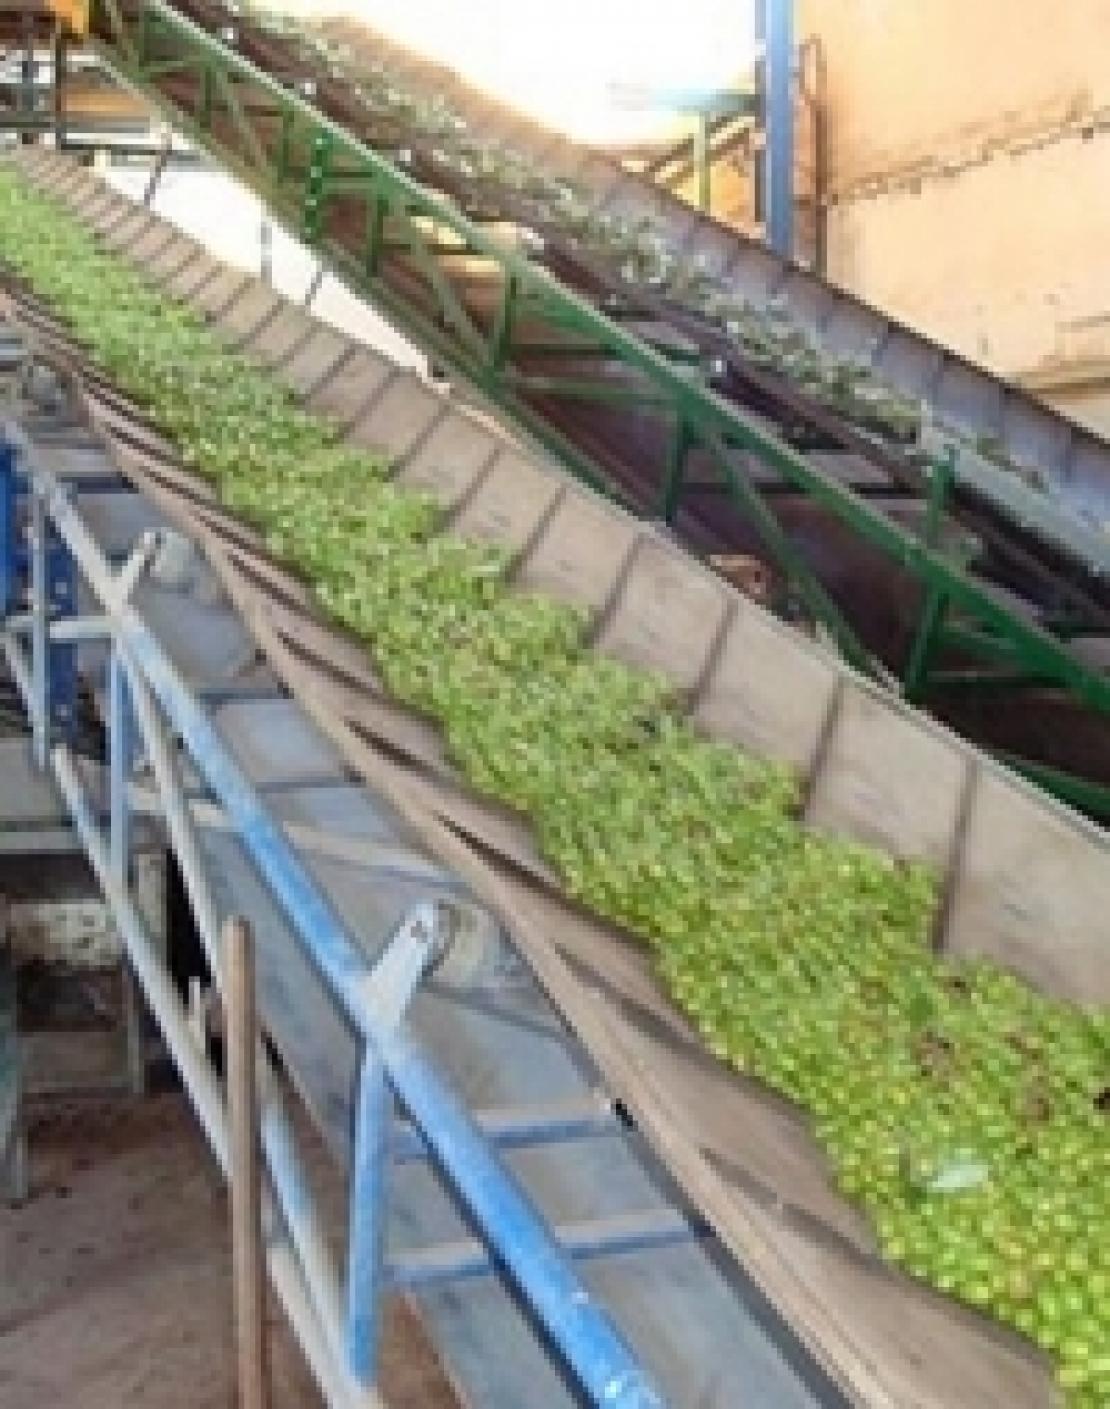 La produzione d'olio d'oliva andaluso arriverà a 1,3 milioni di tonnellate